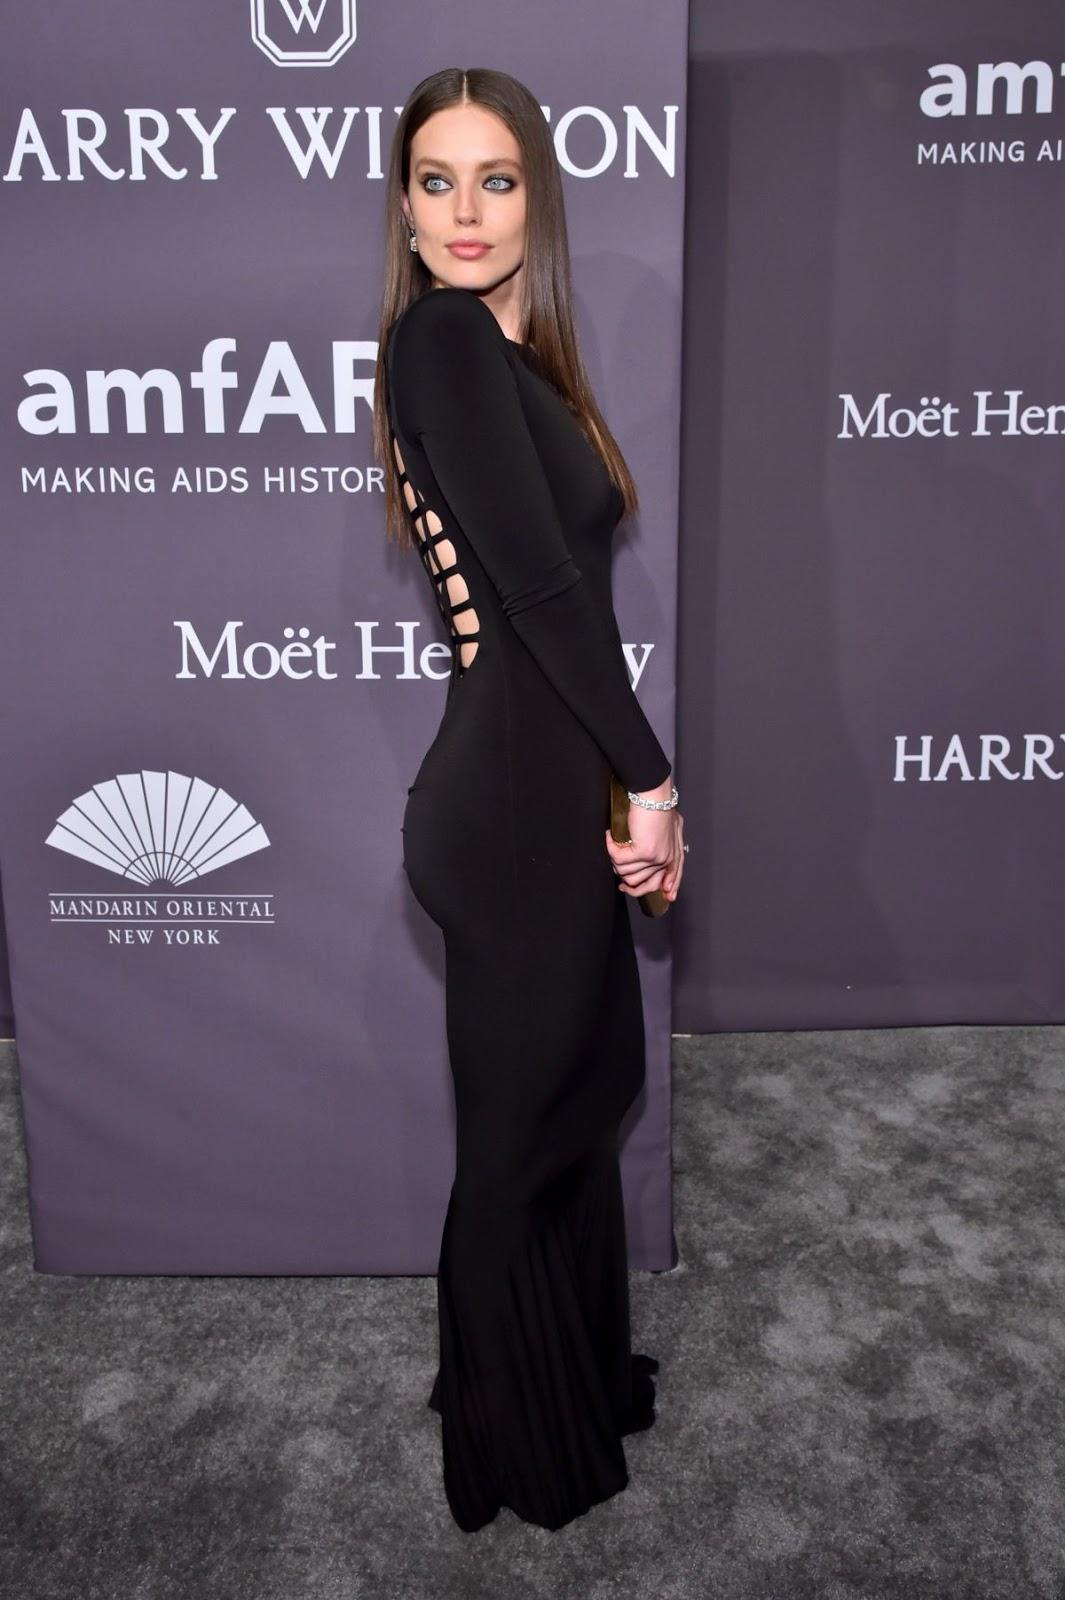 Kim Kardashian's amfAR Gala Gown: Stuns In Gorgeous ...